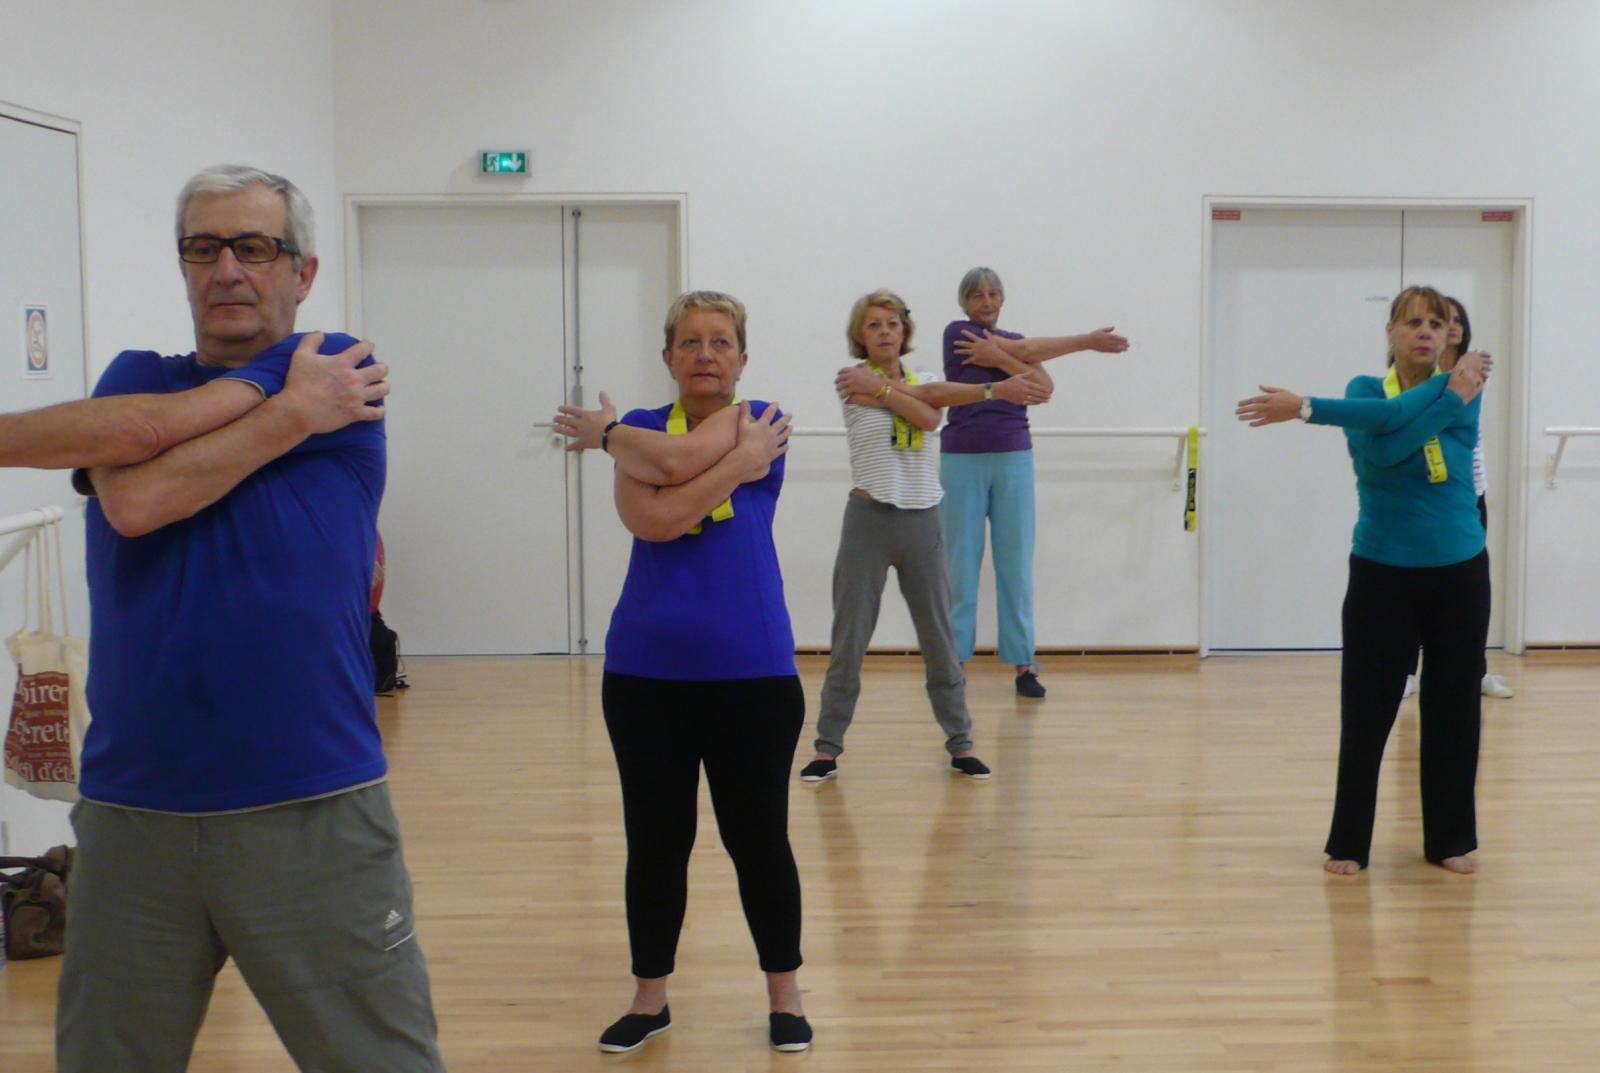 Gym à Marie Paradis - Retraite Sportive de Paris